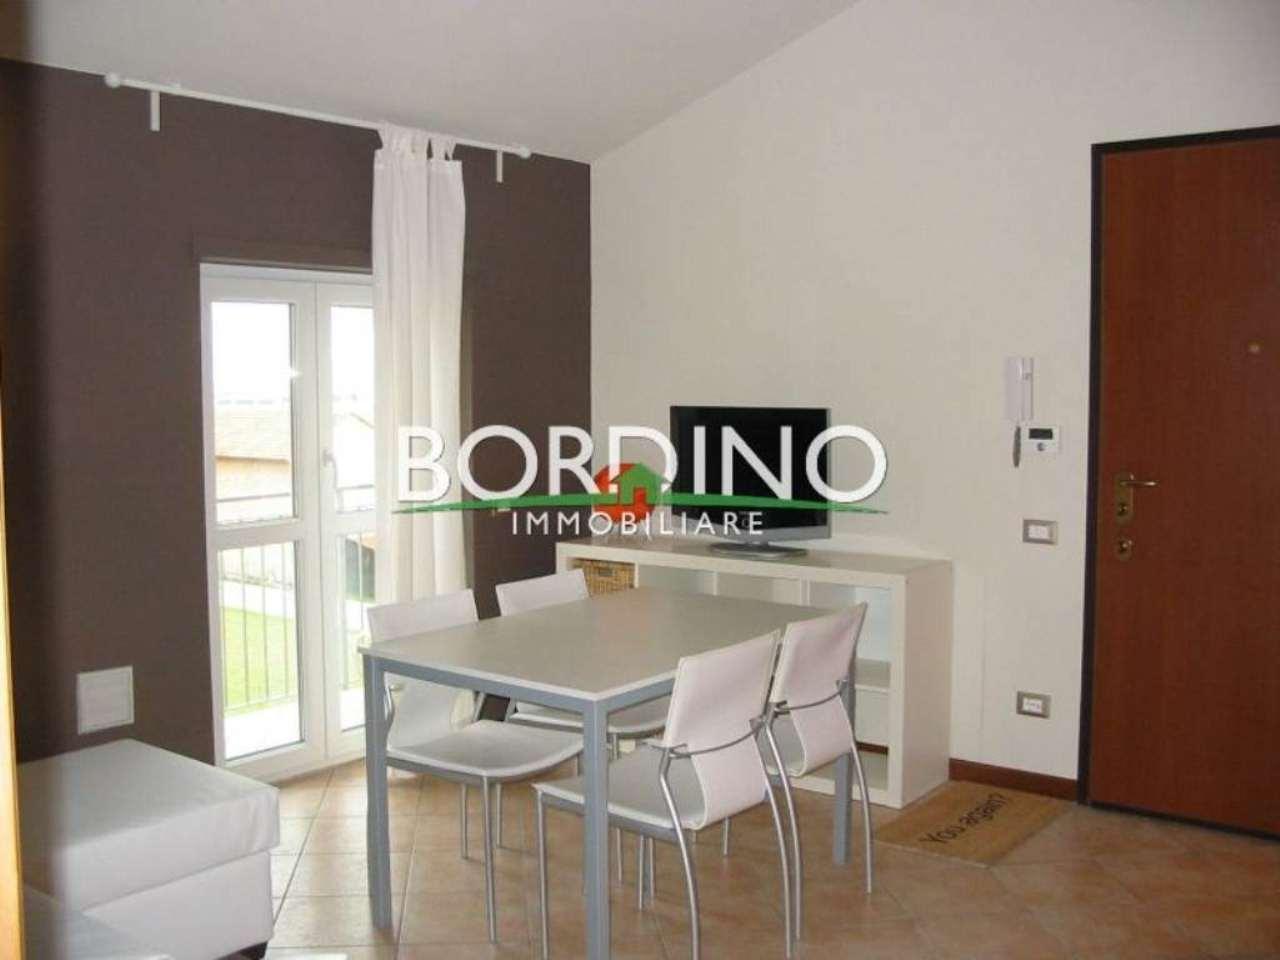 Appartamento in vendita a Govone, 2 locali, prezzo € 90.000 | Cambio Casa.it